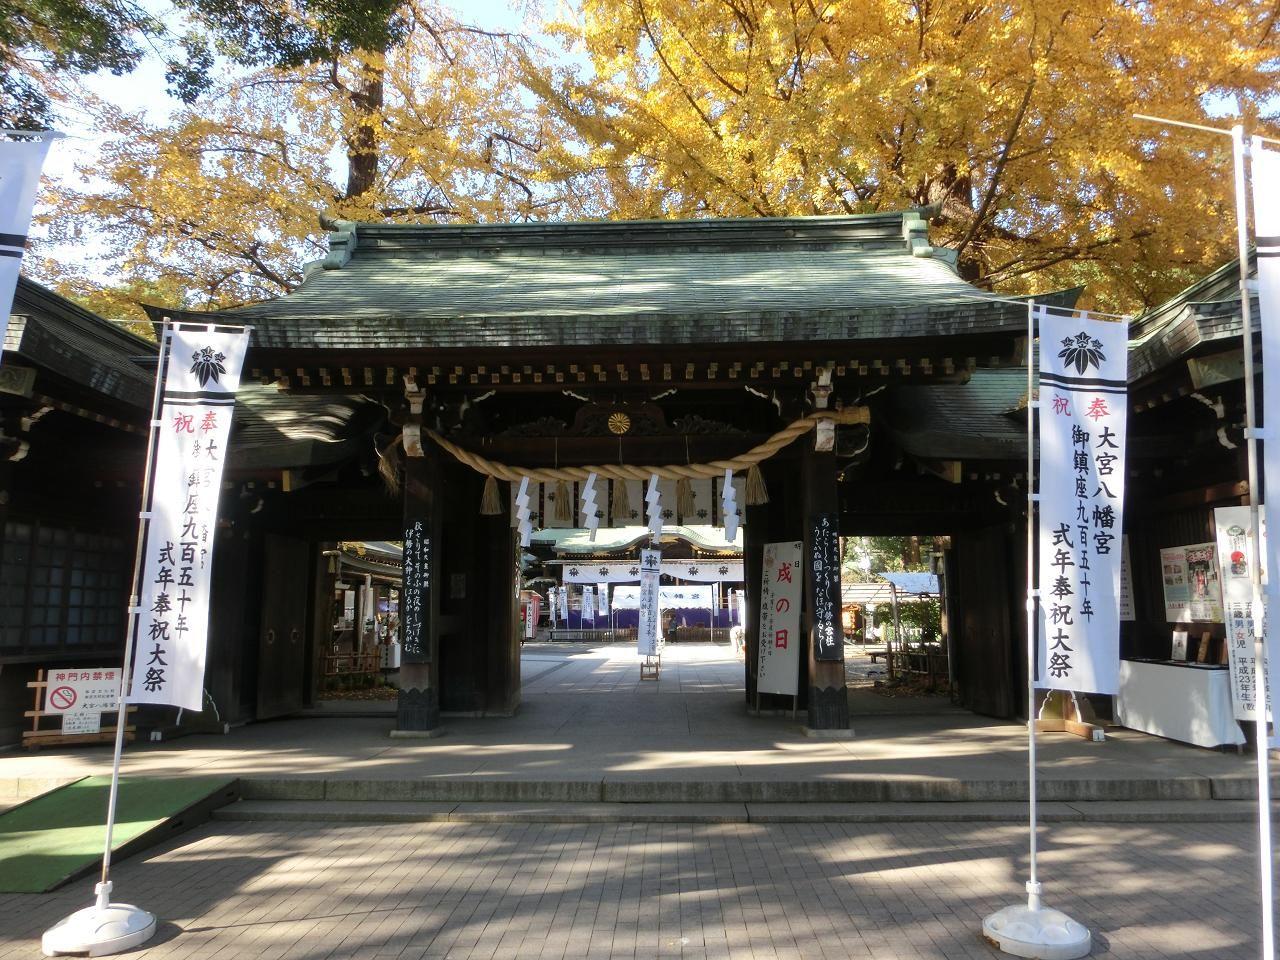 東京のへそって何!?パワースポットとしても有名な杉並「大宮八幡宮」で開運祈願!